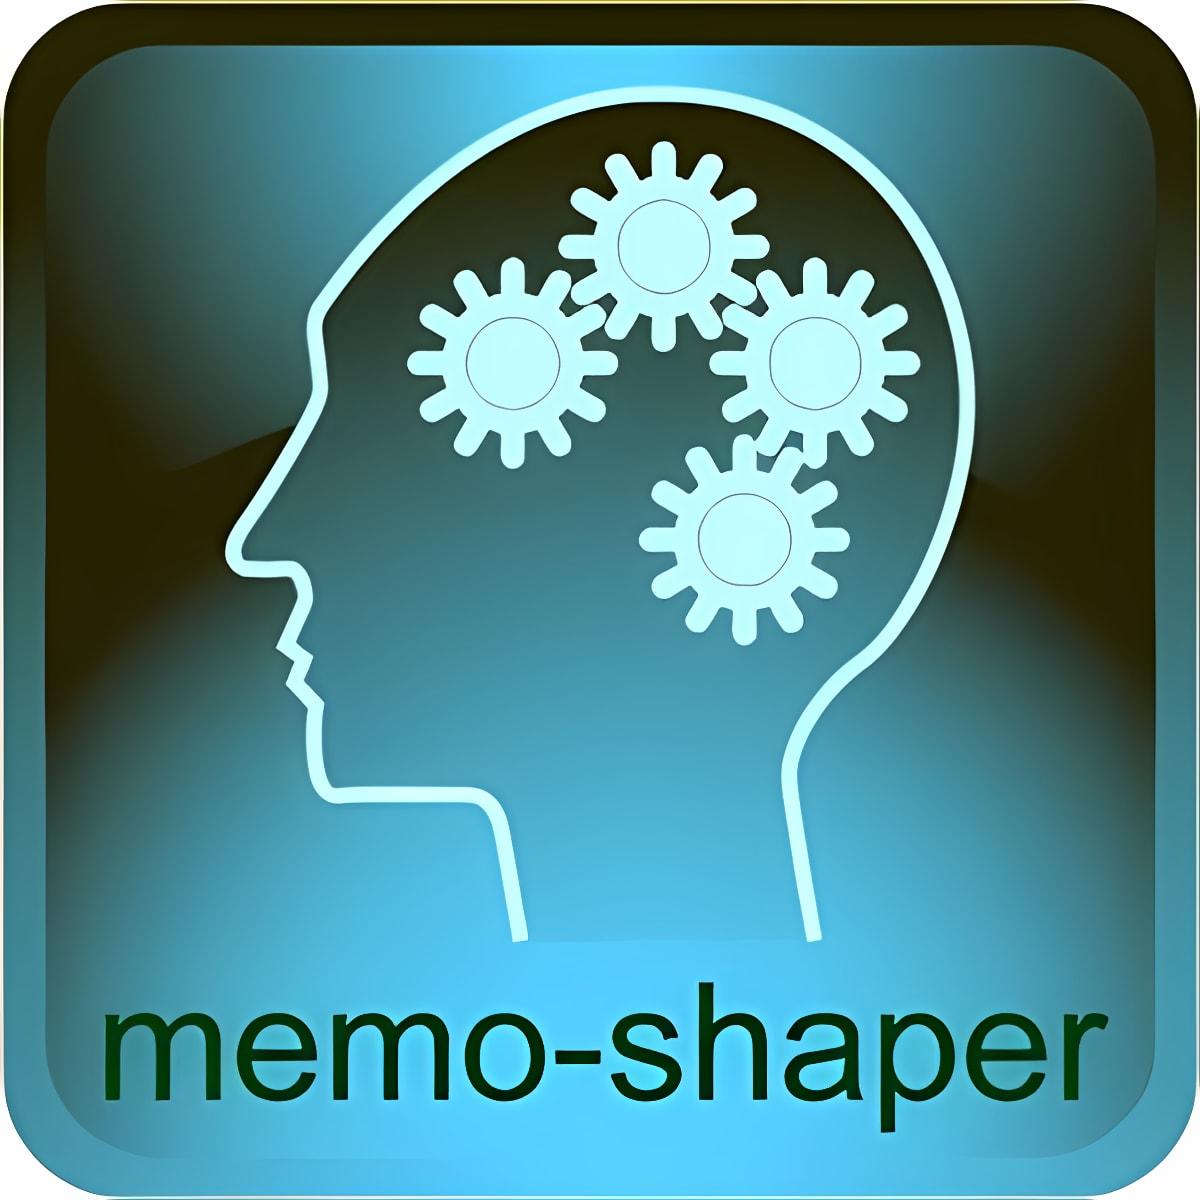 Memo-shaper free 2.9